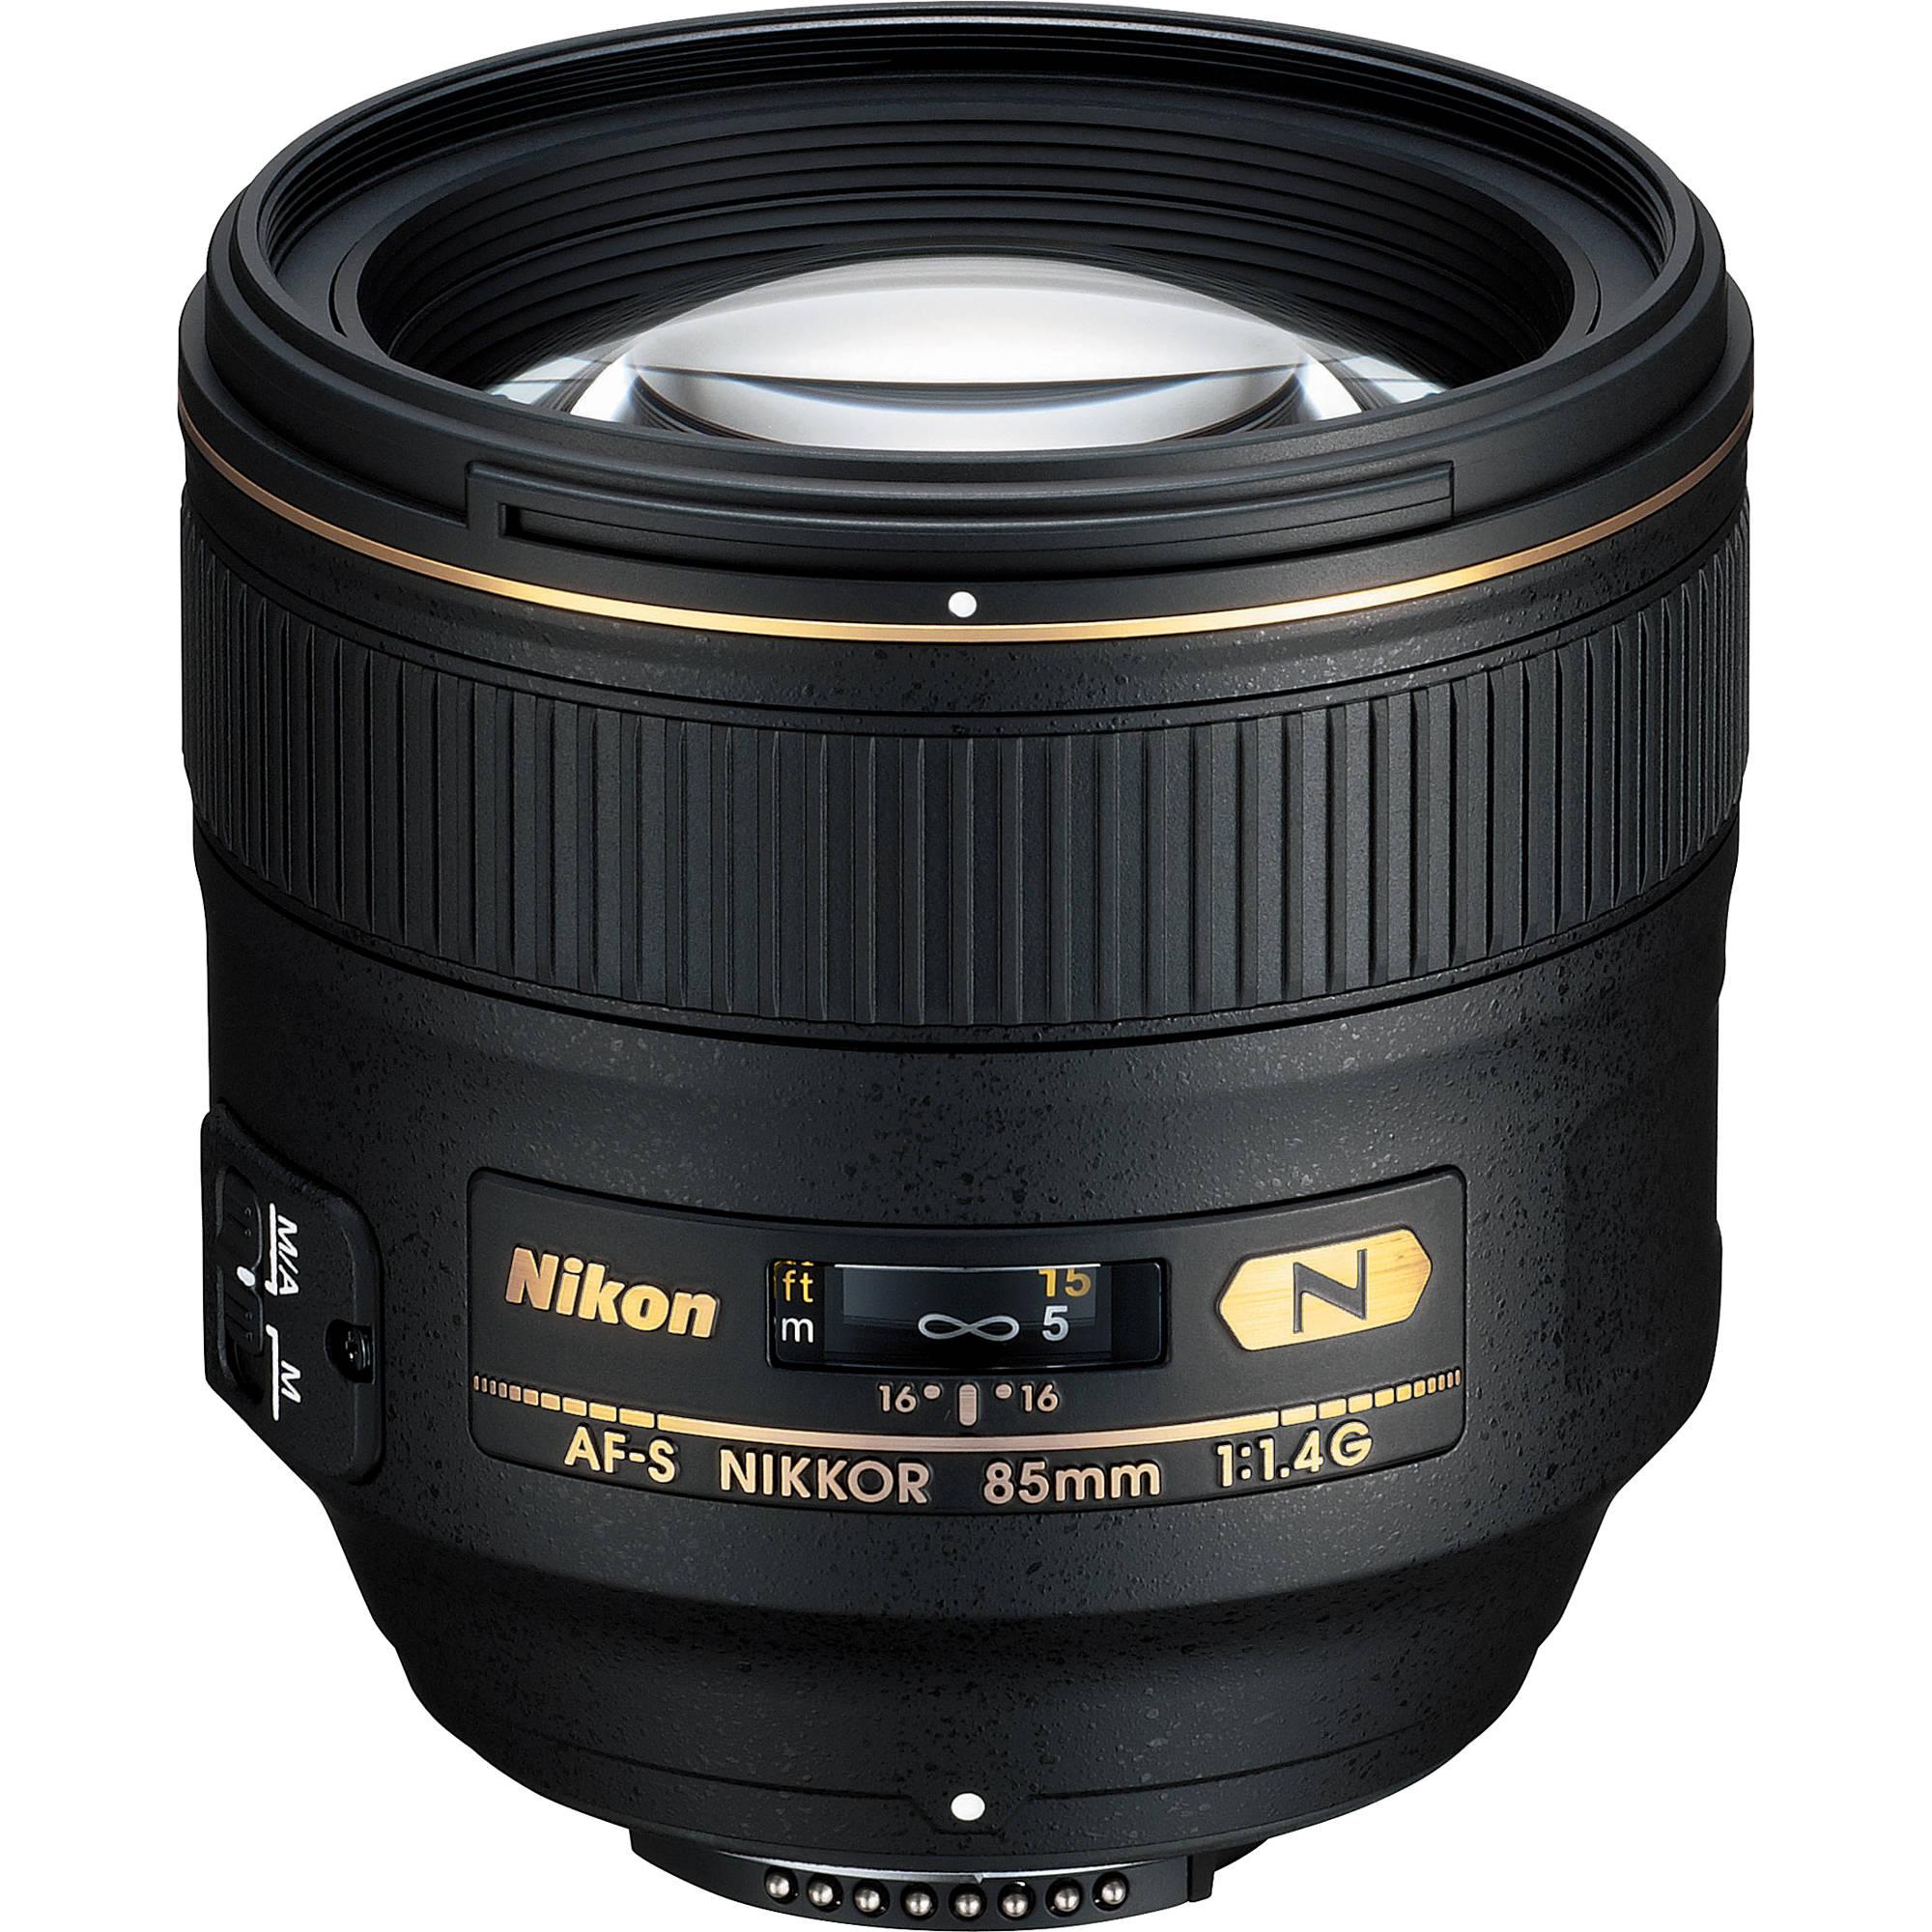 Nikon_2195_AF_S_NIKKOR_85mm_f_1_4G_729952